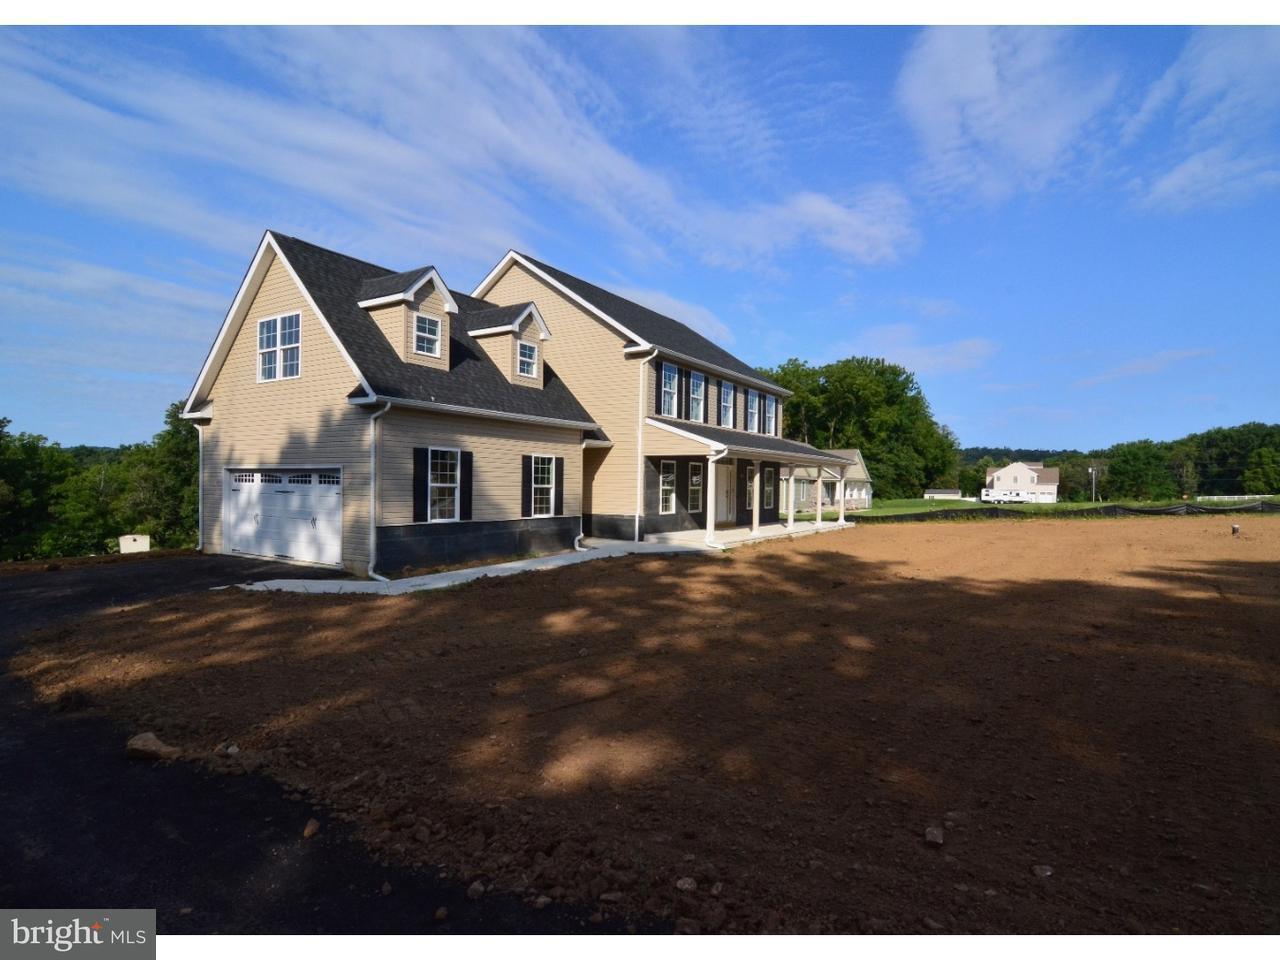 Maison unifamiliale pour l Vente à 26 JADE Lane Hereford, Pennsylvanie 18056 États-Unis